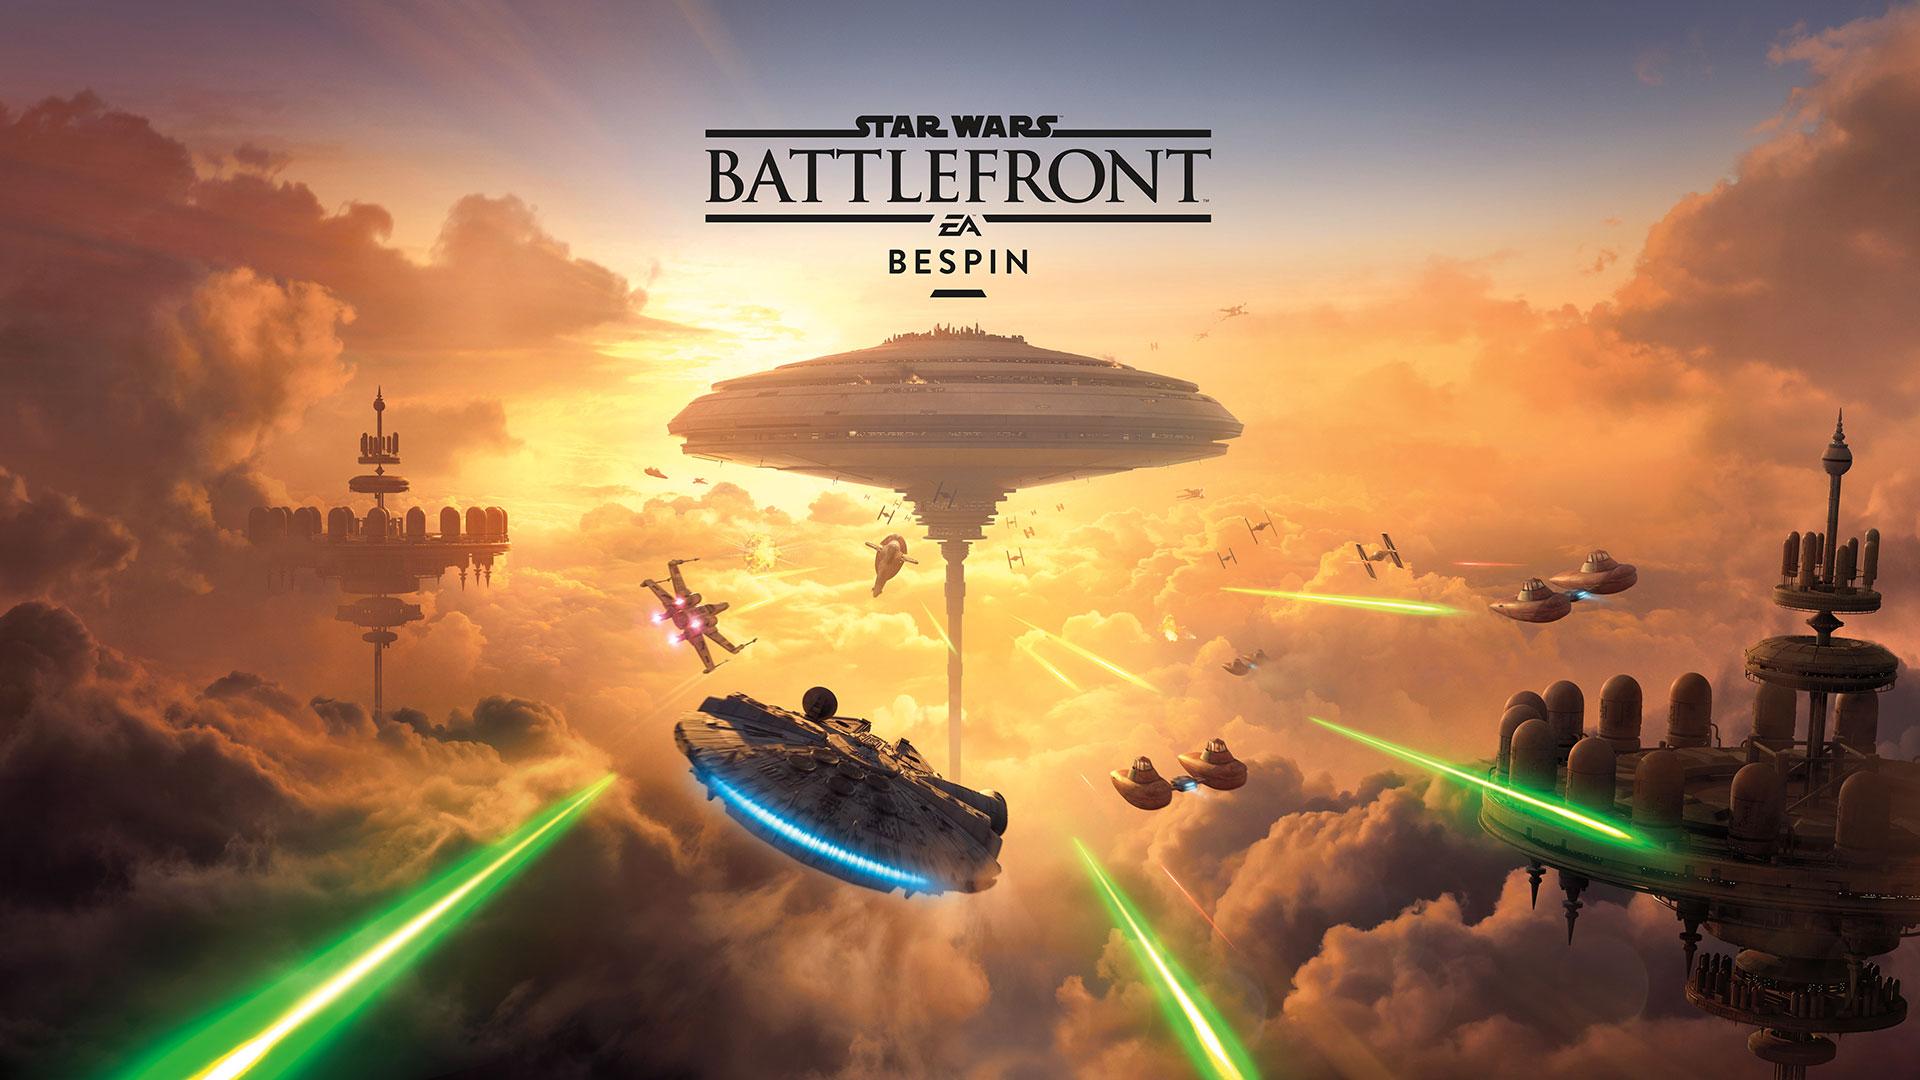 star wars battlefront bespin sur playstation 4. Black Bedroom Furniture Sets. Home Design Ideas